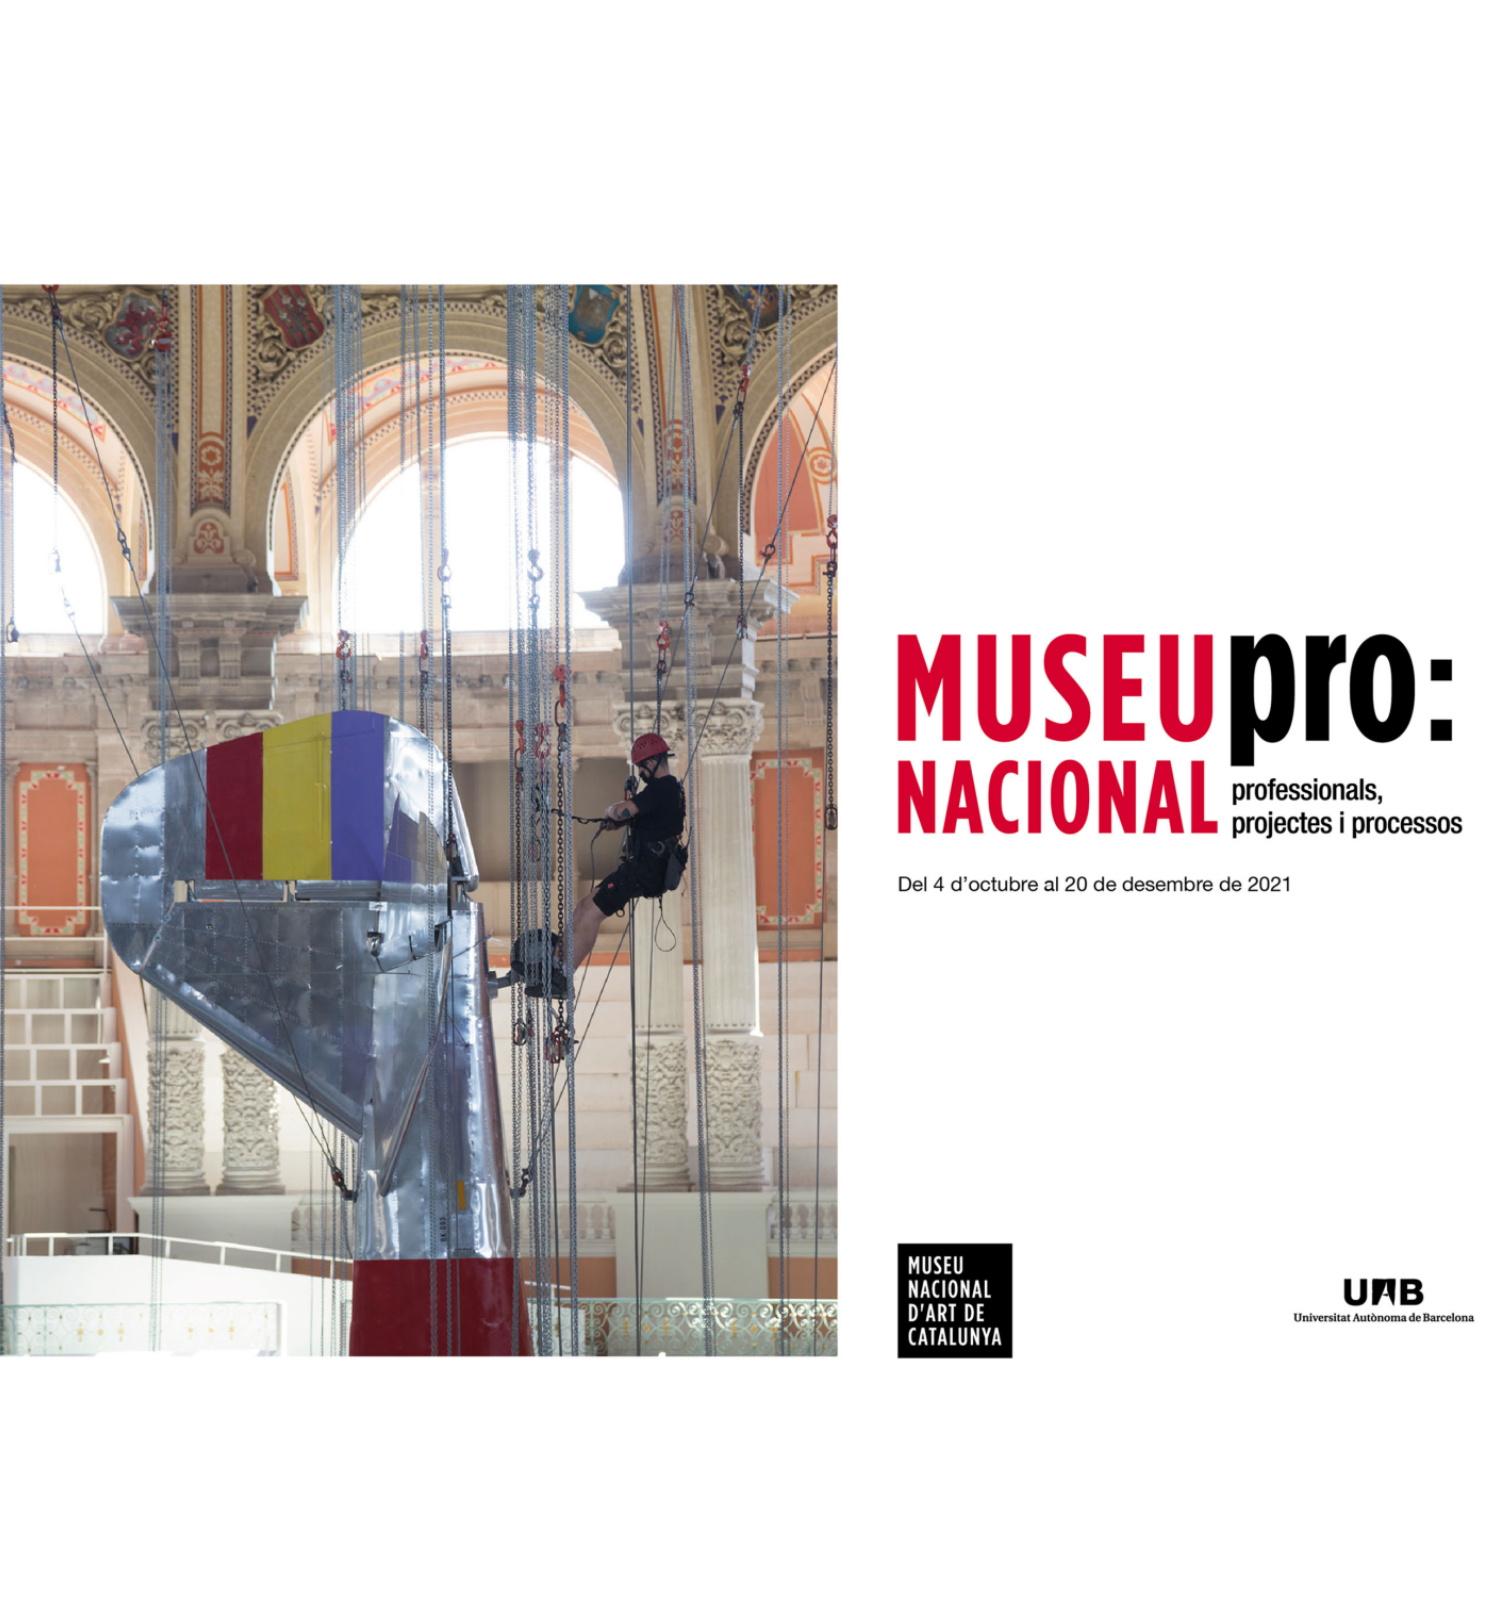 Museu Nacional Pro: professionals, projectes i processos al Museu Nacional d'Art de Catalunya 2021